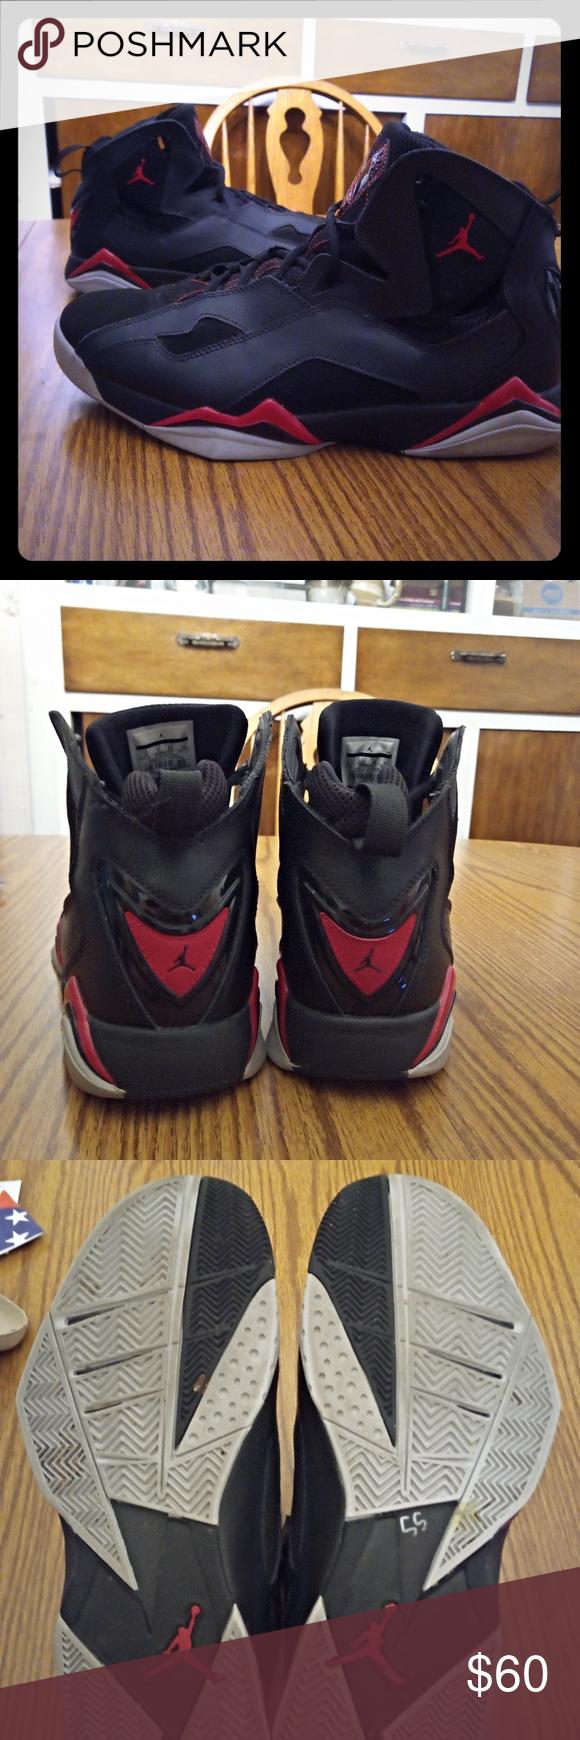 Jordans Jordan 11 Jordans for men